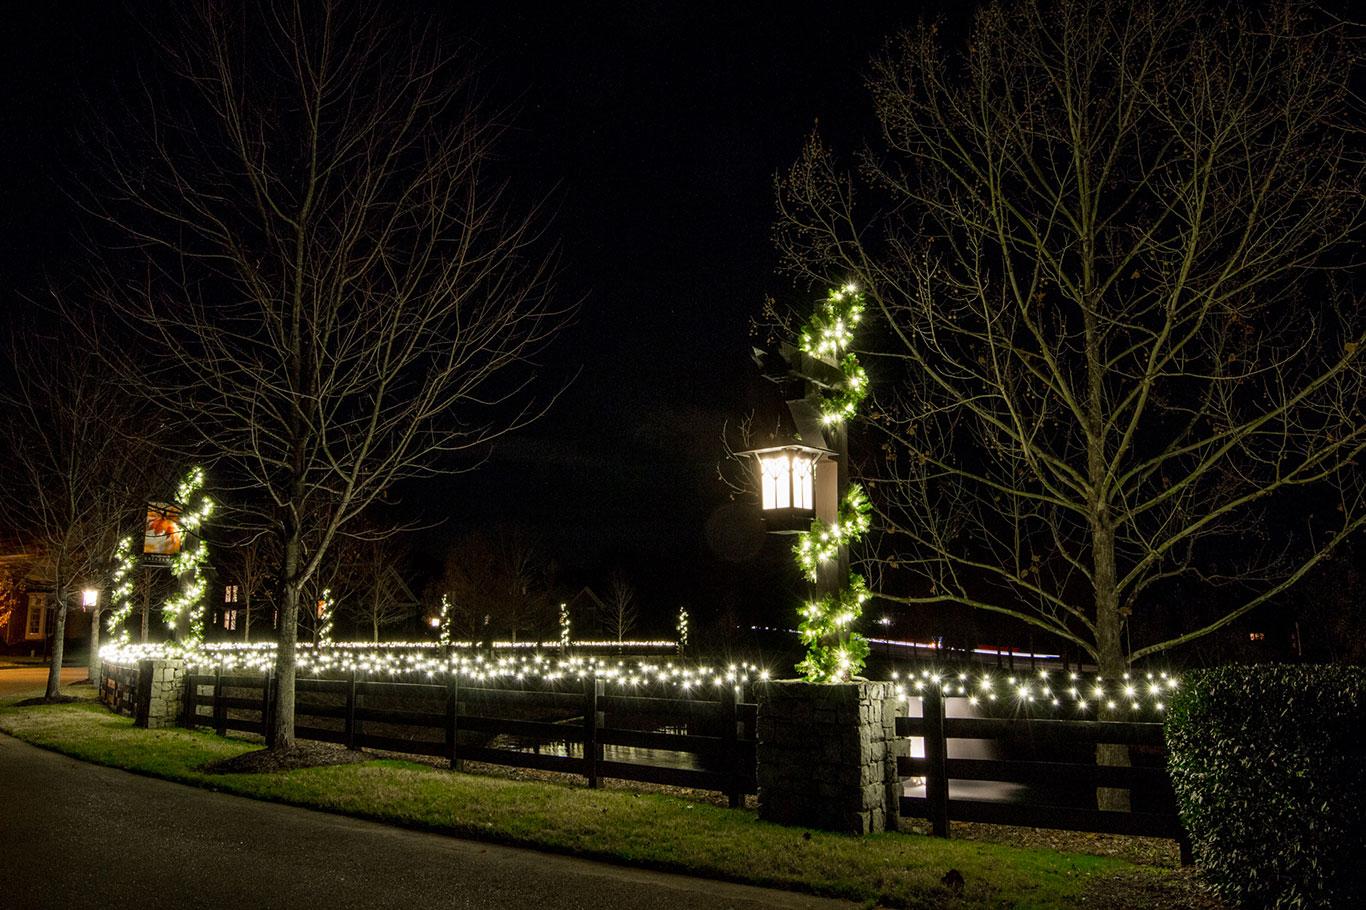 2017 Holiday Lights Garland at HOA